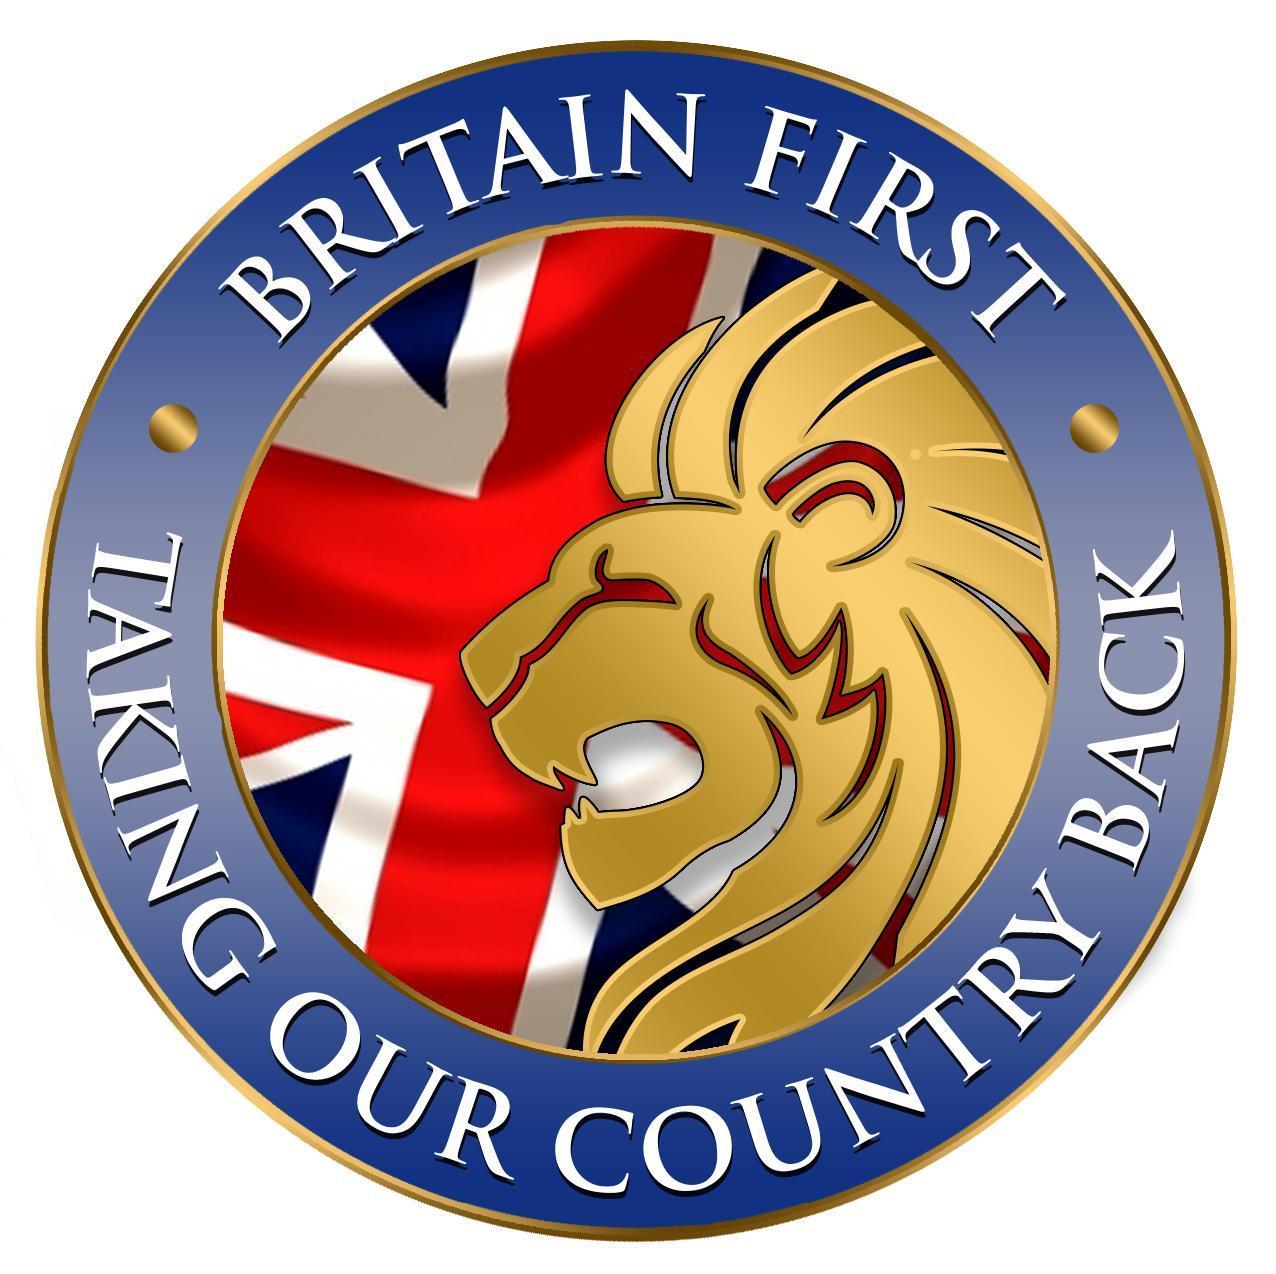 prima gli inglesi brexit